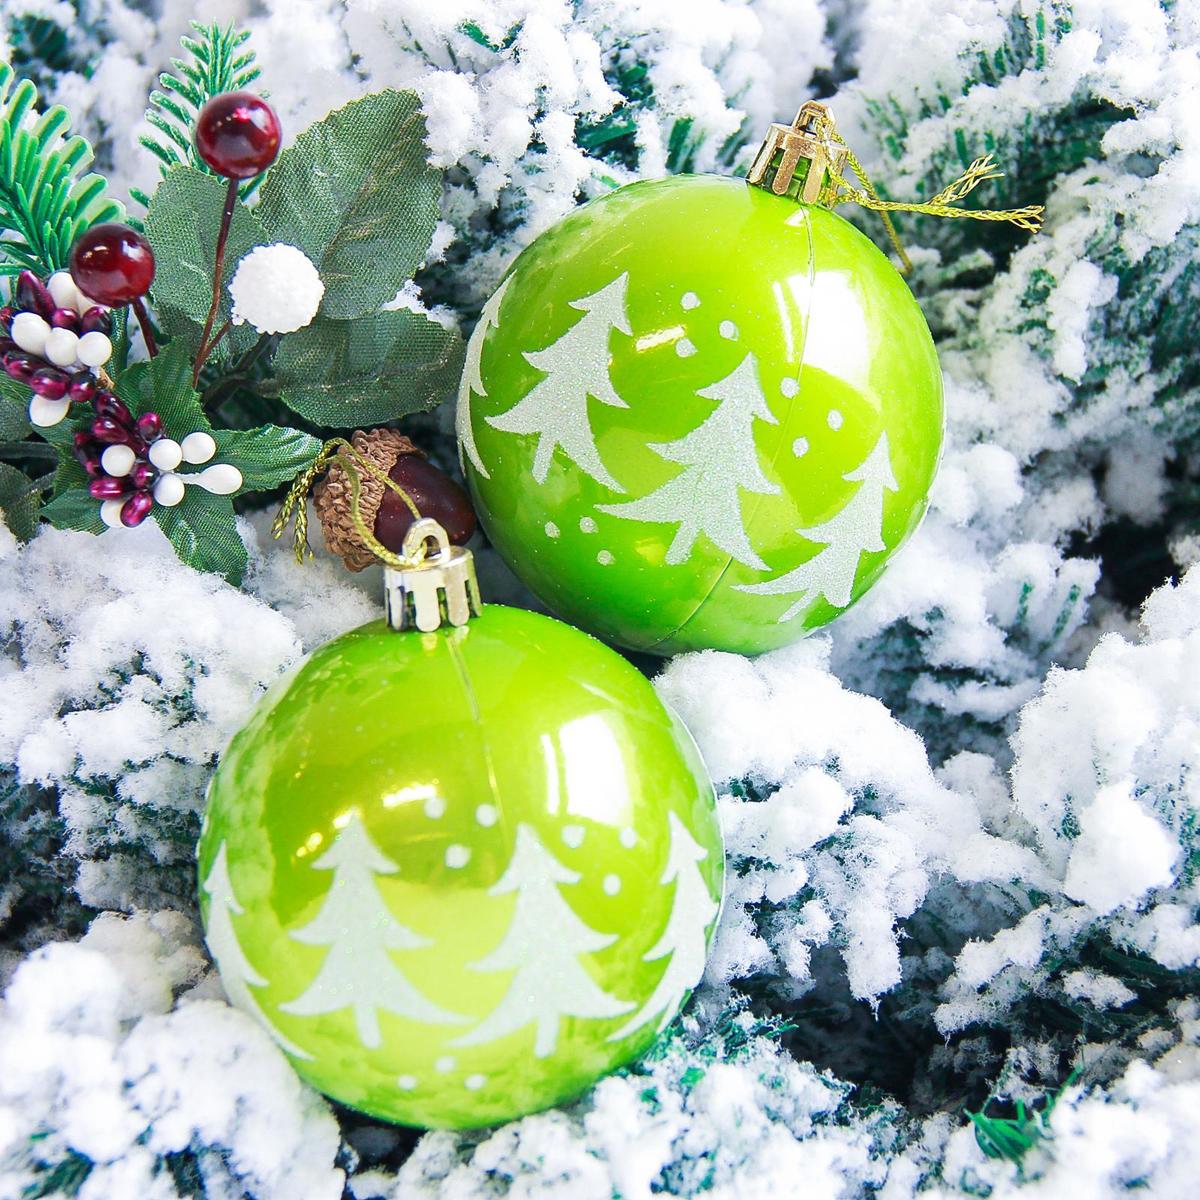 Набор новогодних подвесных украшений Sima-land Гордый олень, цвет: зеленый, диаметр 7 см, 6 шт2178216Набор новогодних подвесных украшений Sima-land отлично подойдет для декорации вашего дома и новогодней ели. С помощью специальной петельки украшение можно повесить в любом понравившемся вам месте. Но, конечно, удачнее всего оно будет смотреться на праздничной елке. Елочная игрушка - символ Нового года. Она несет в себе волшебство и красоту праздника. Создайте в своем доме атмосферу веселья и радости, украшая новогоднюю елку нарядными игрушками, которые будут из года в год накапливать теплоту воспоминаний.